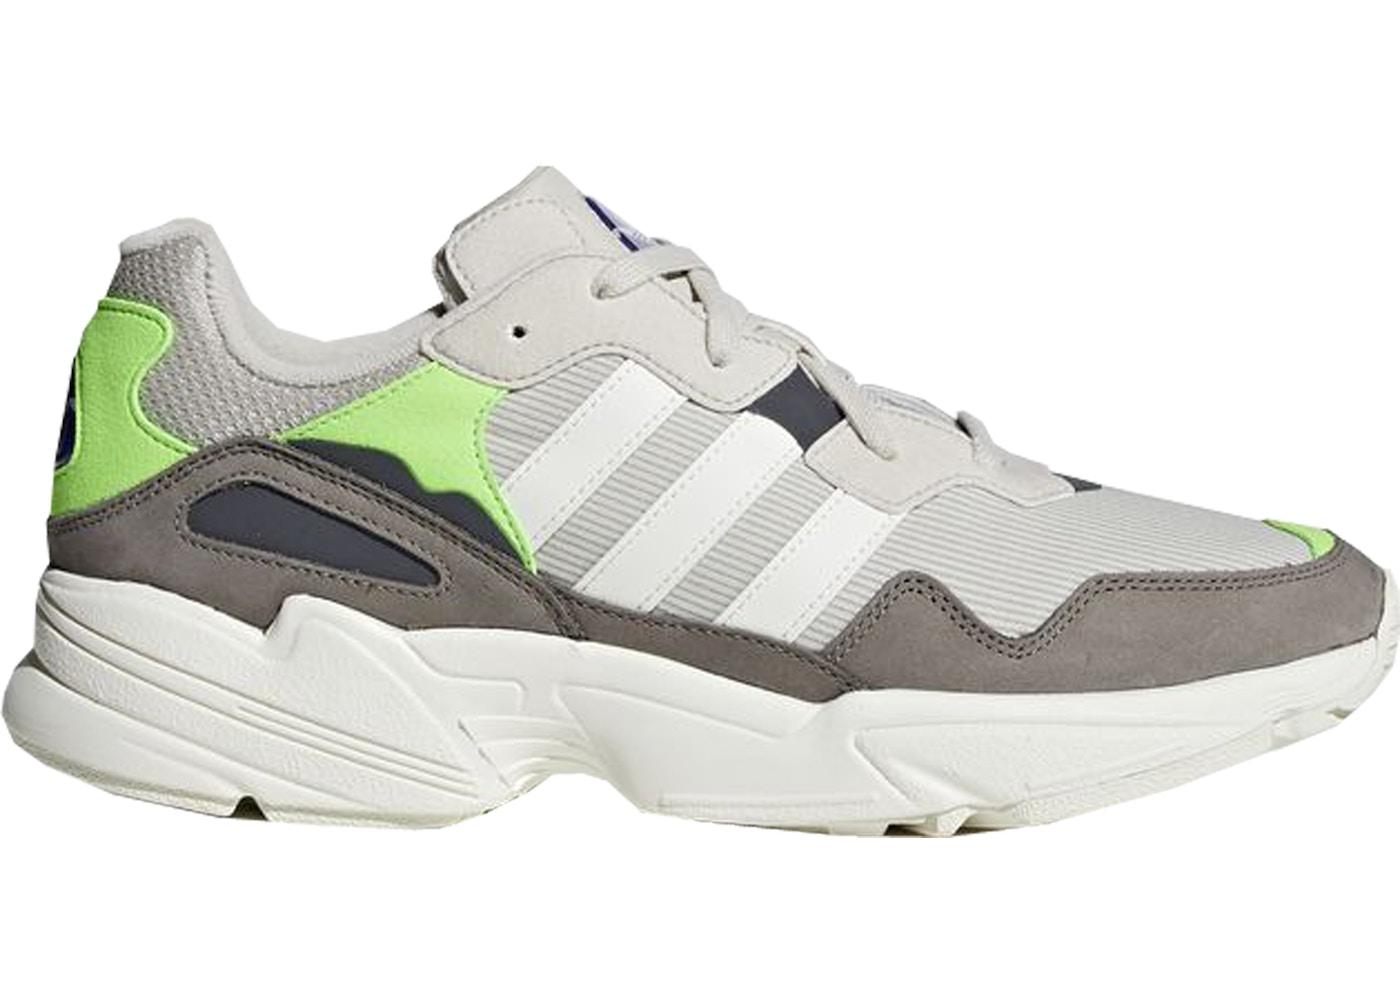 ff91125ba6a8 adidas Yung-96 Off White Solar Green - F97182